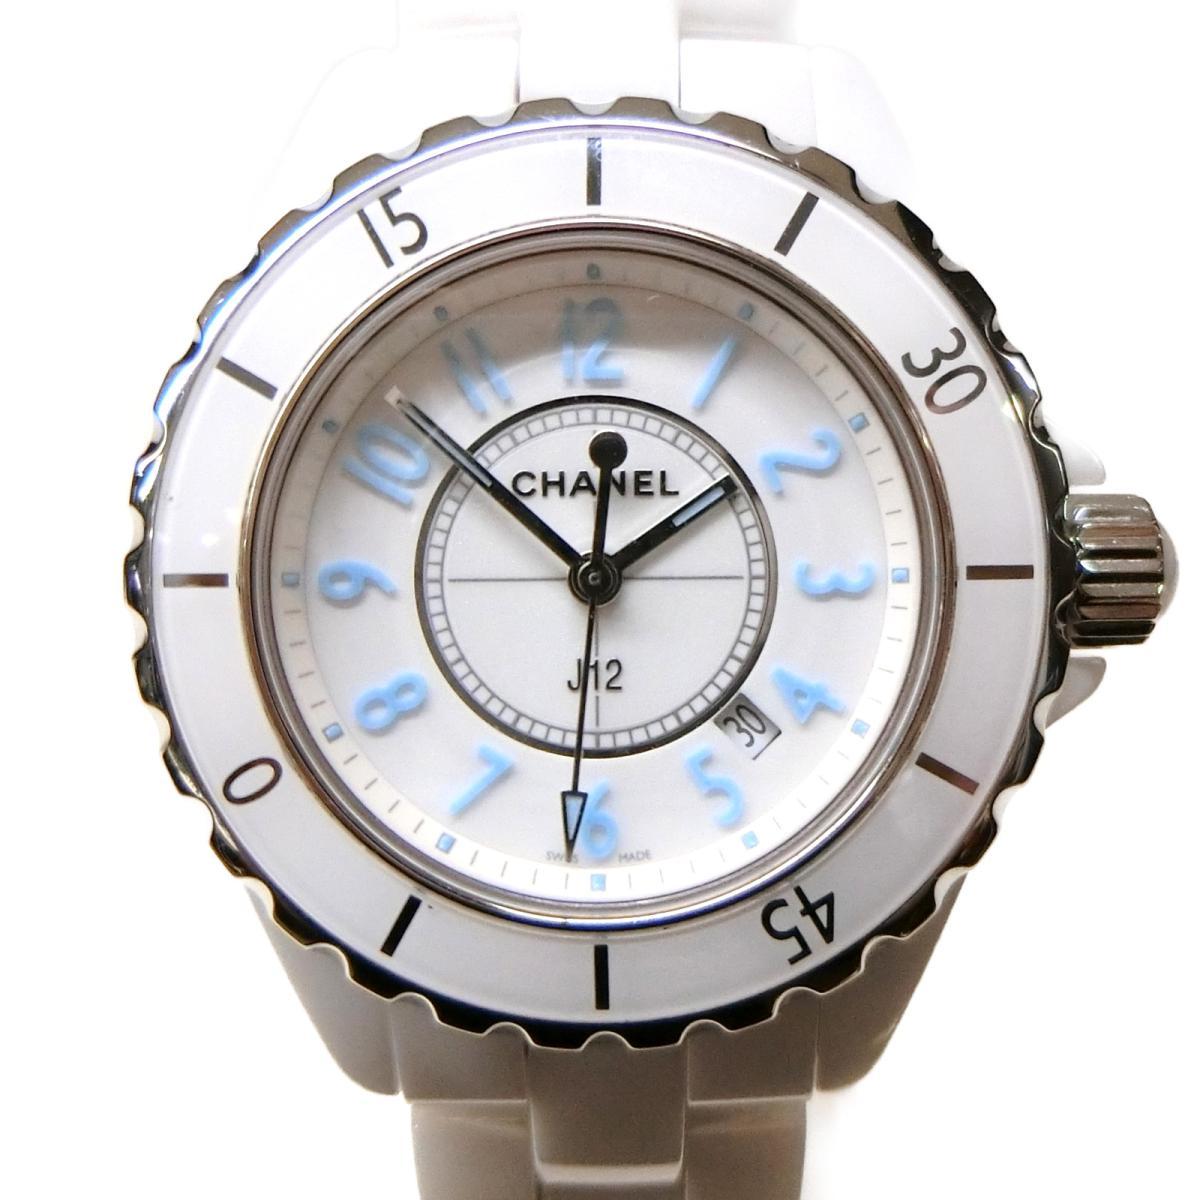 【中古】 シャネル J12・ブルーライト 腕時計 ウォッチ メンズ レディース セラミック (H3826) | CHANEL BRANDOFF ブランドオフ ブランド ブランド時計 ブランド腕時計 時計